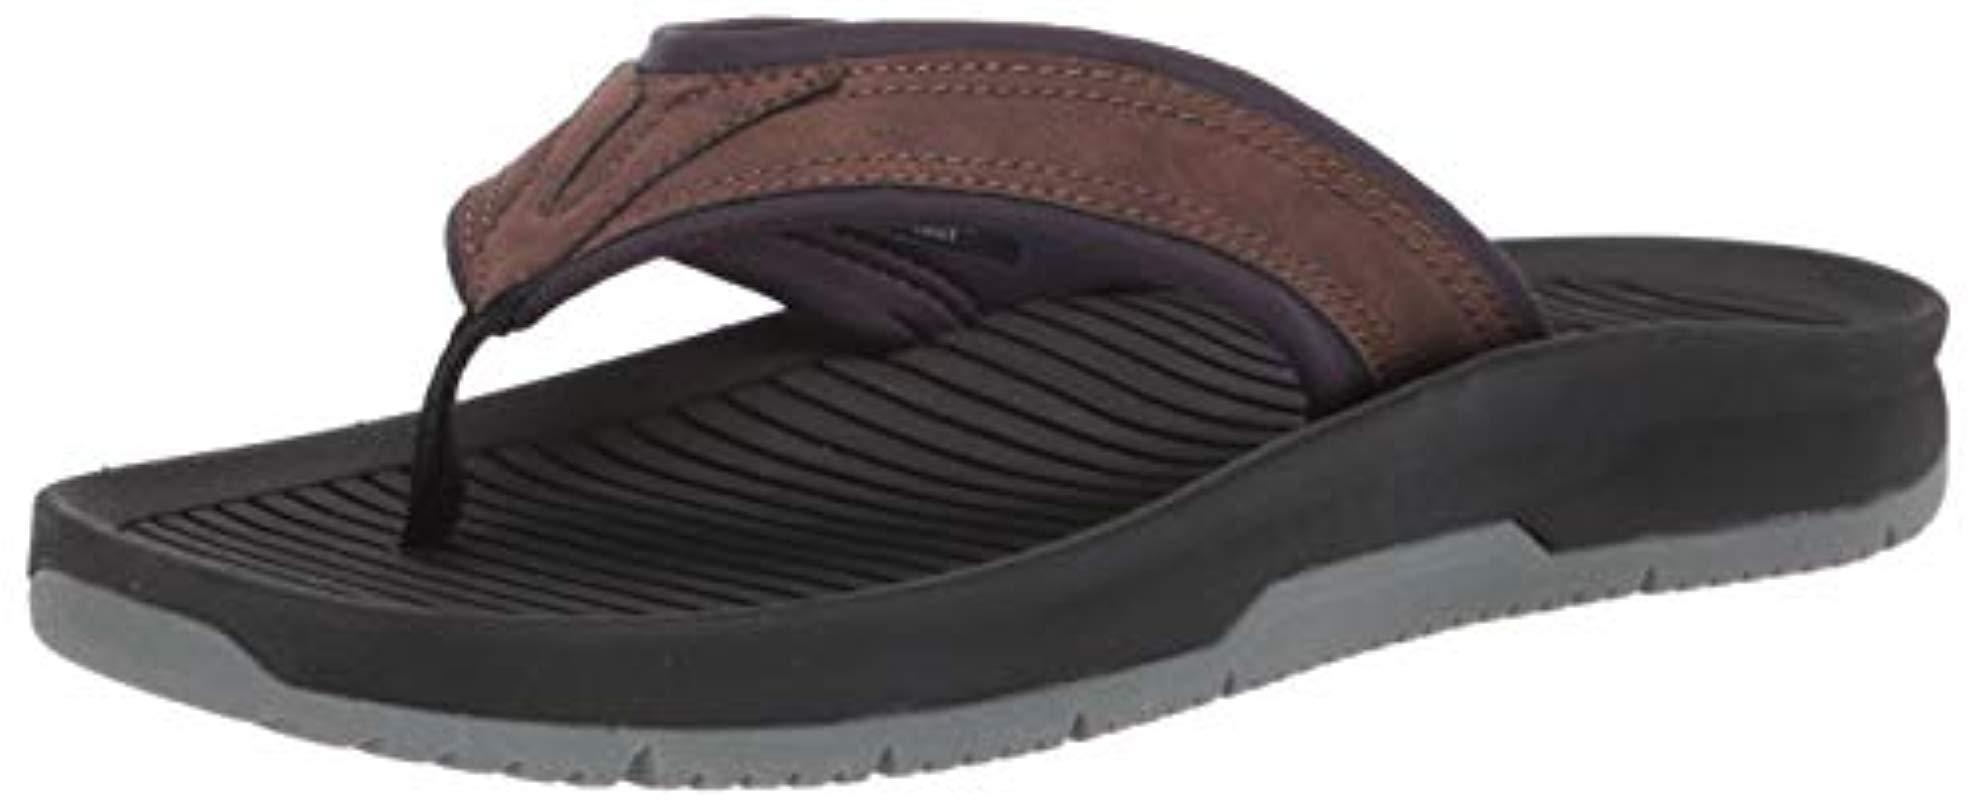 Scholl/'s Shoes Men/'s Basin Slide Sandal Brown Canvas 8 M US Dr